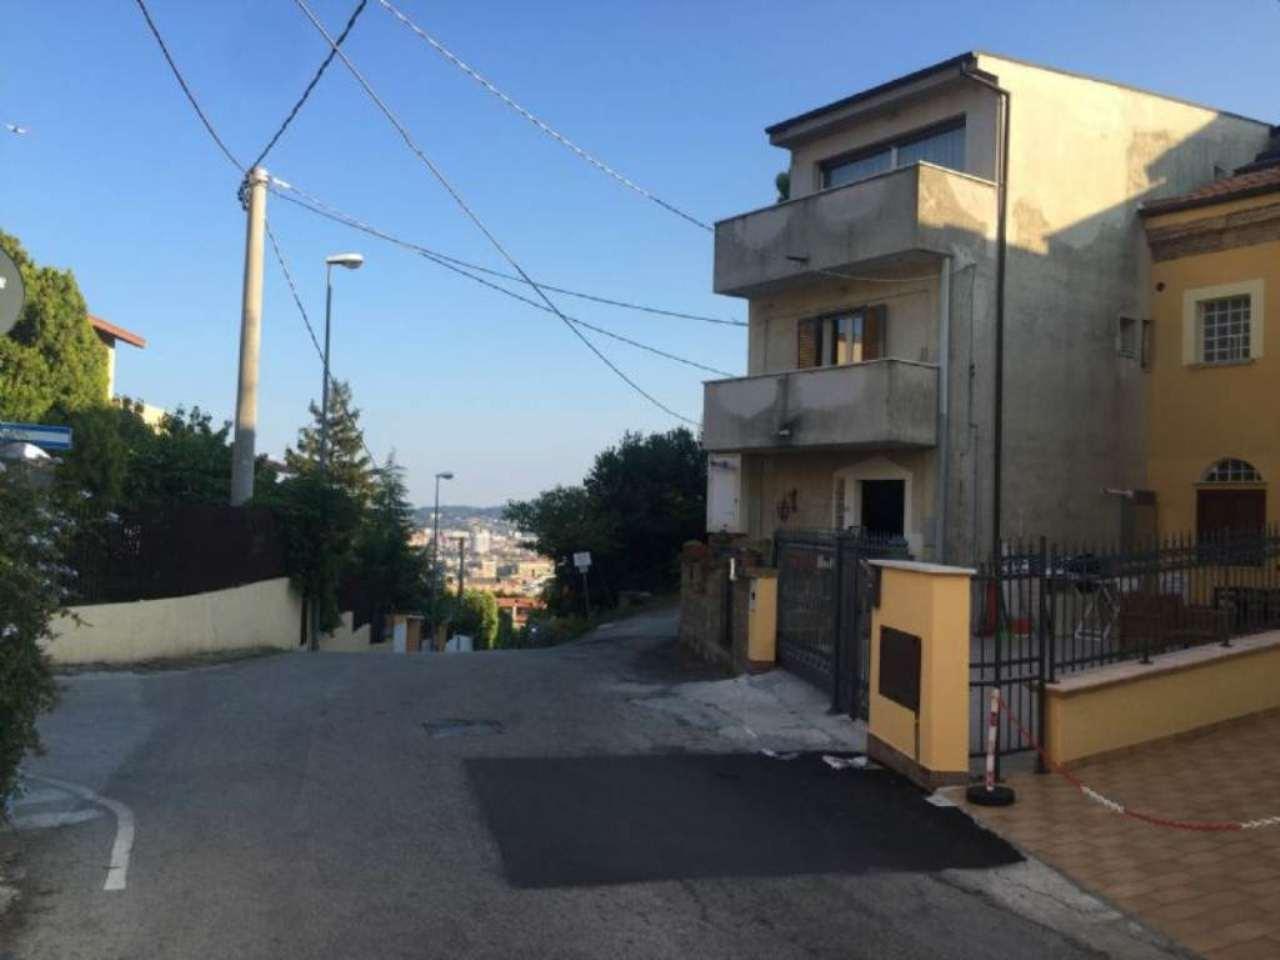 Soluzione Indipendente in vendita a Pescara, 4 locali, prezzo € 279.000 | Cambio Casa.it